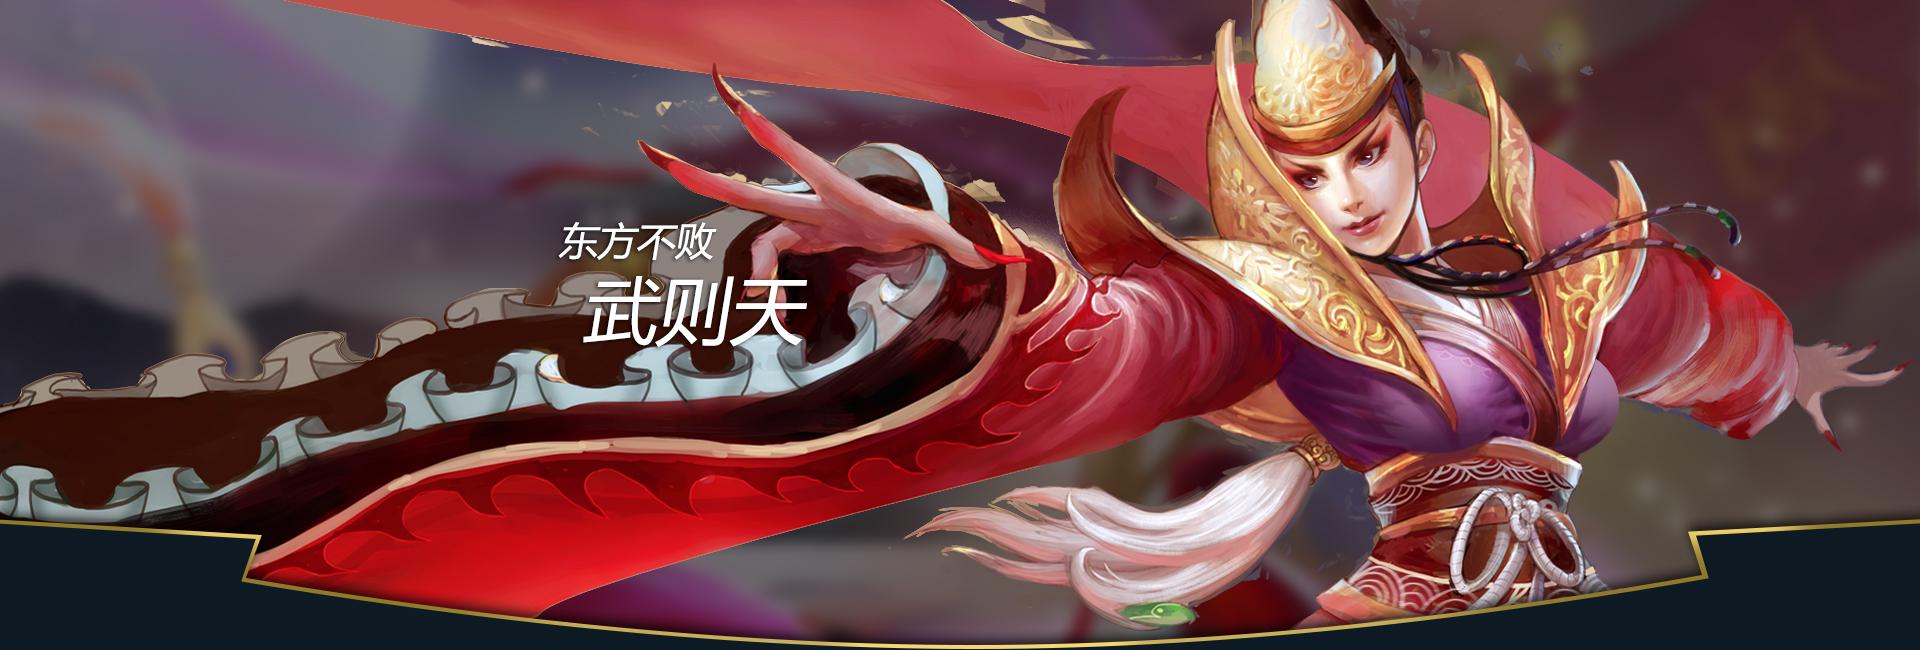 第2弹《王者荣耀英雄皮肤CG》竞技游戏68